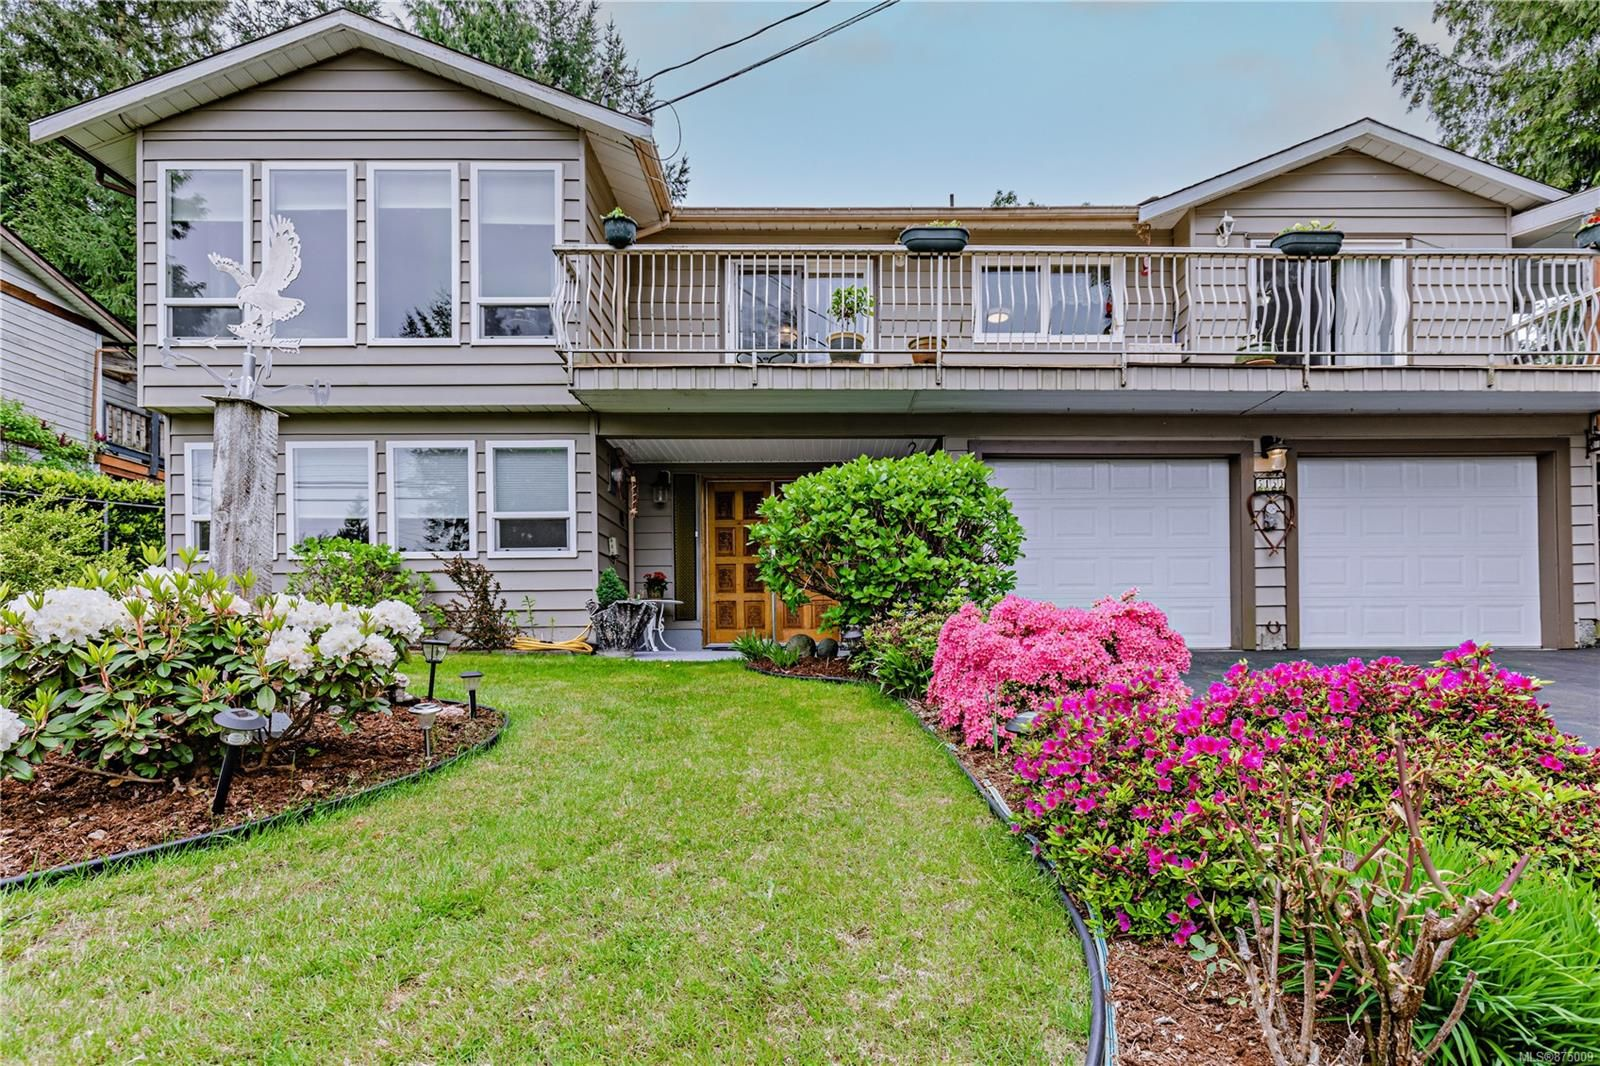 Main Photo: 5153 Hammond Bay Rd in : Na North Nanaimo House for sale (Nanaimo)  : MLS®# 875009